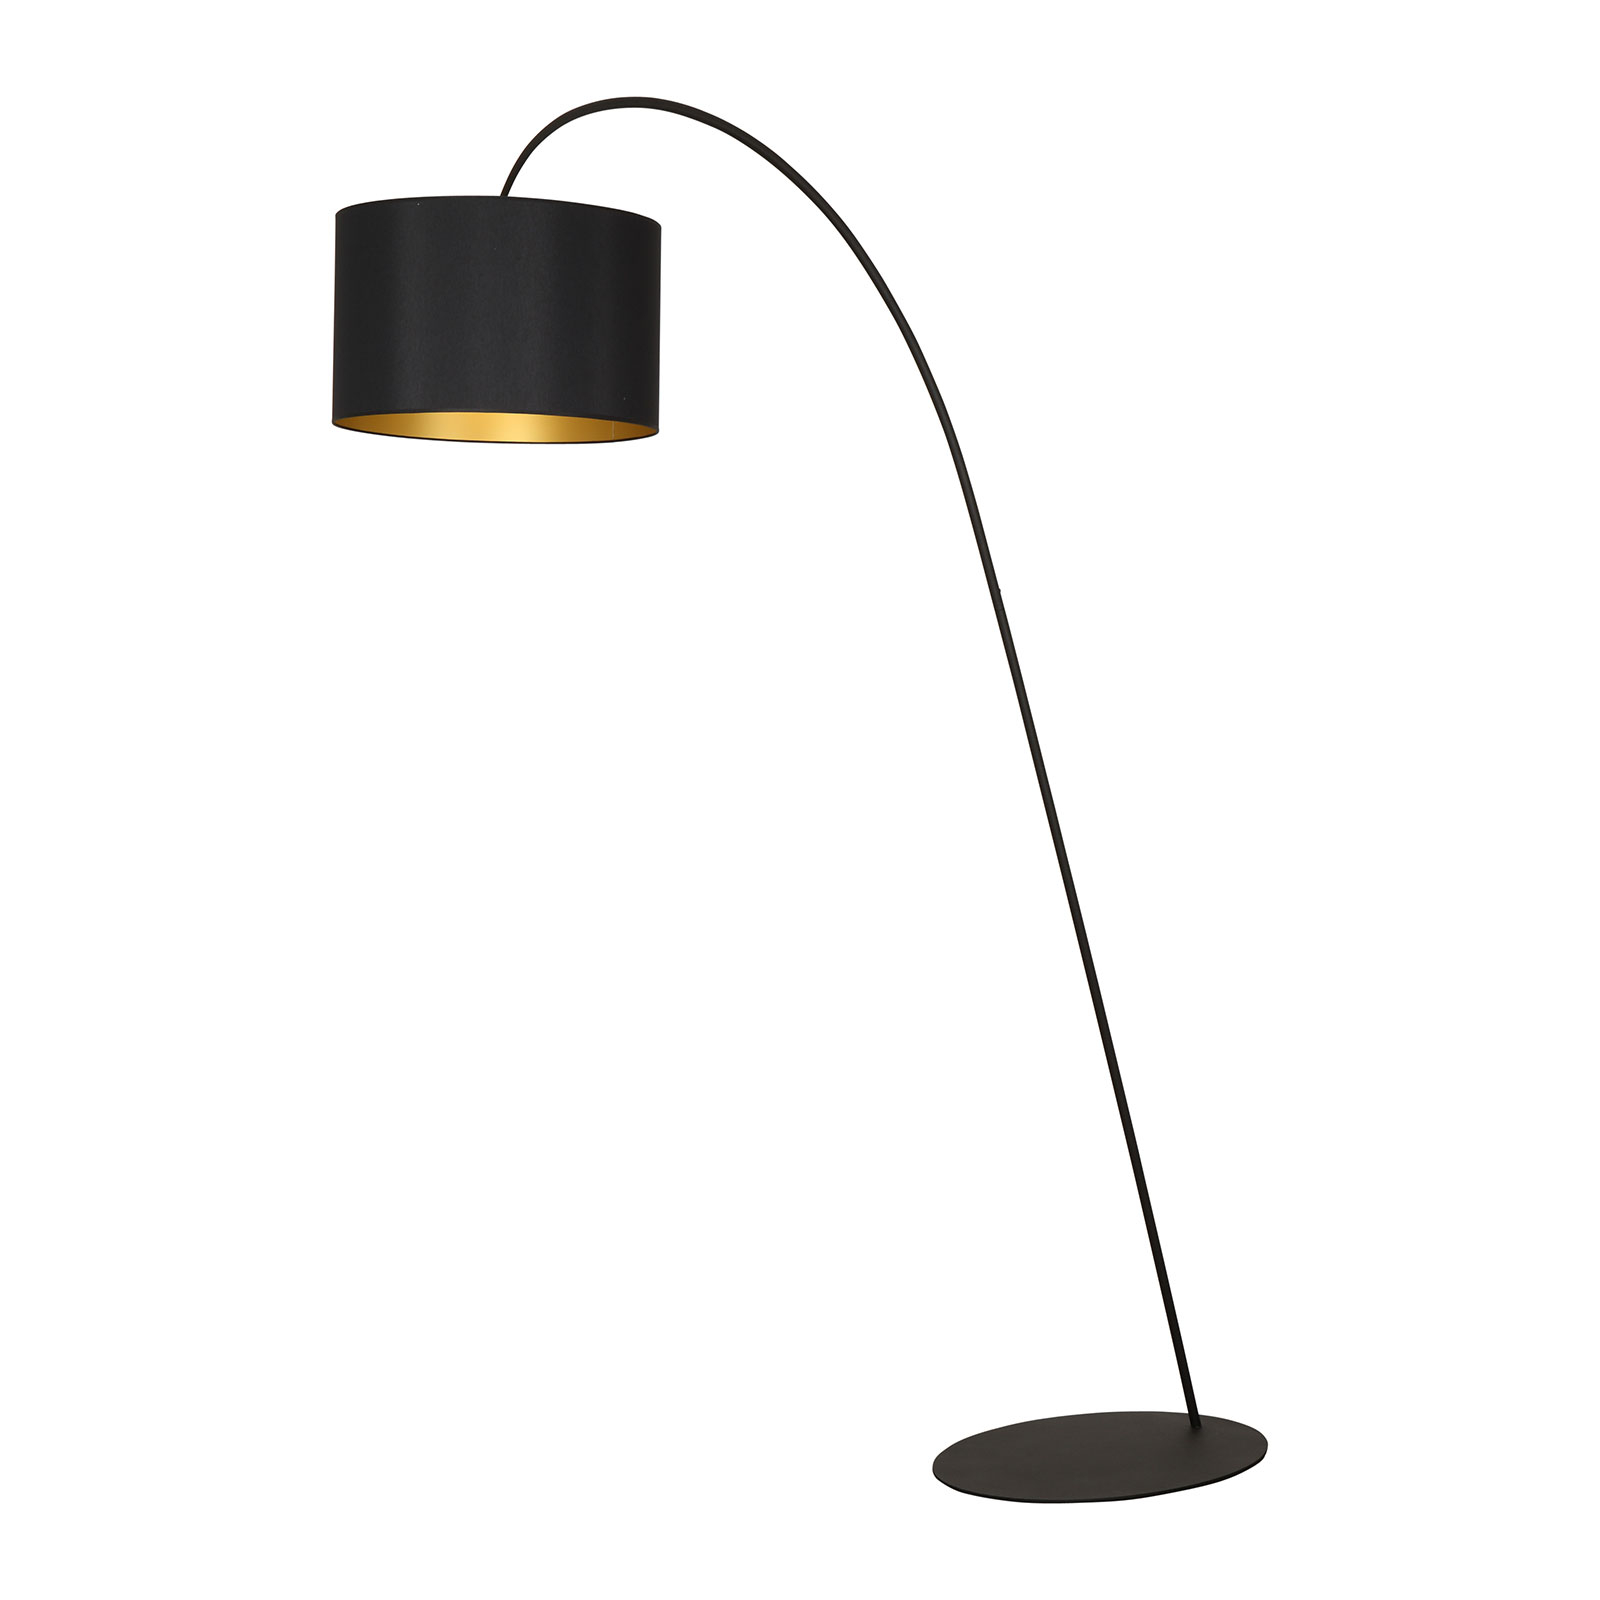 Båglampa Alice med skärm i svartguld